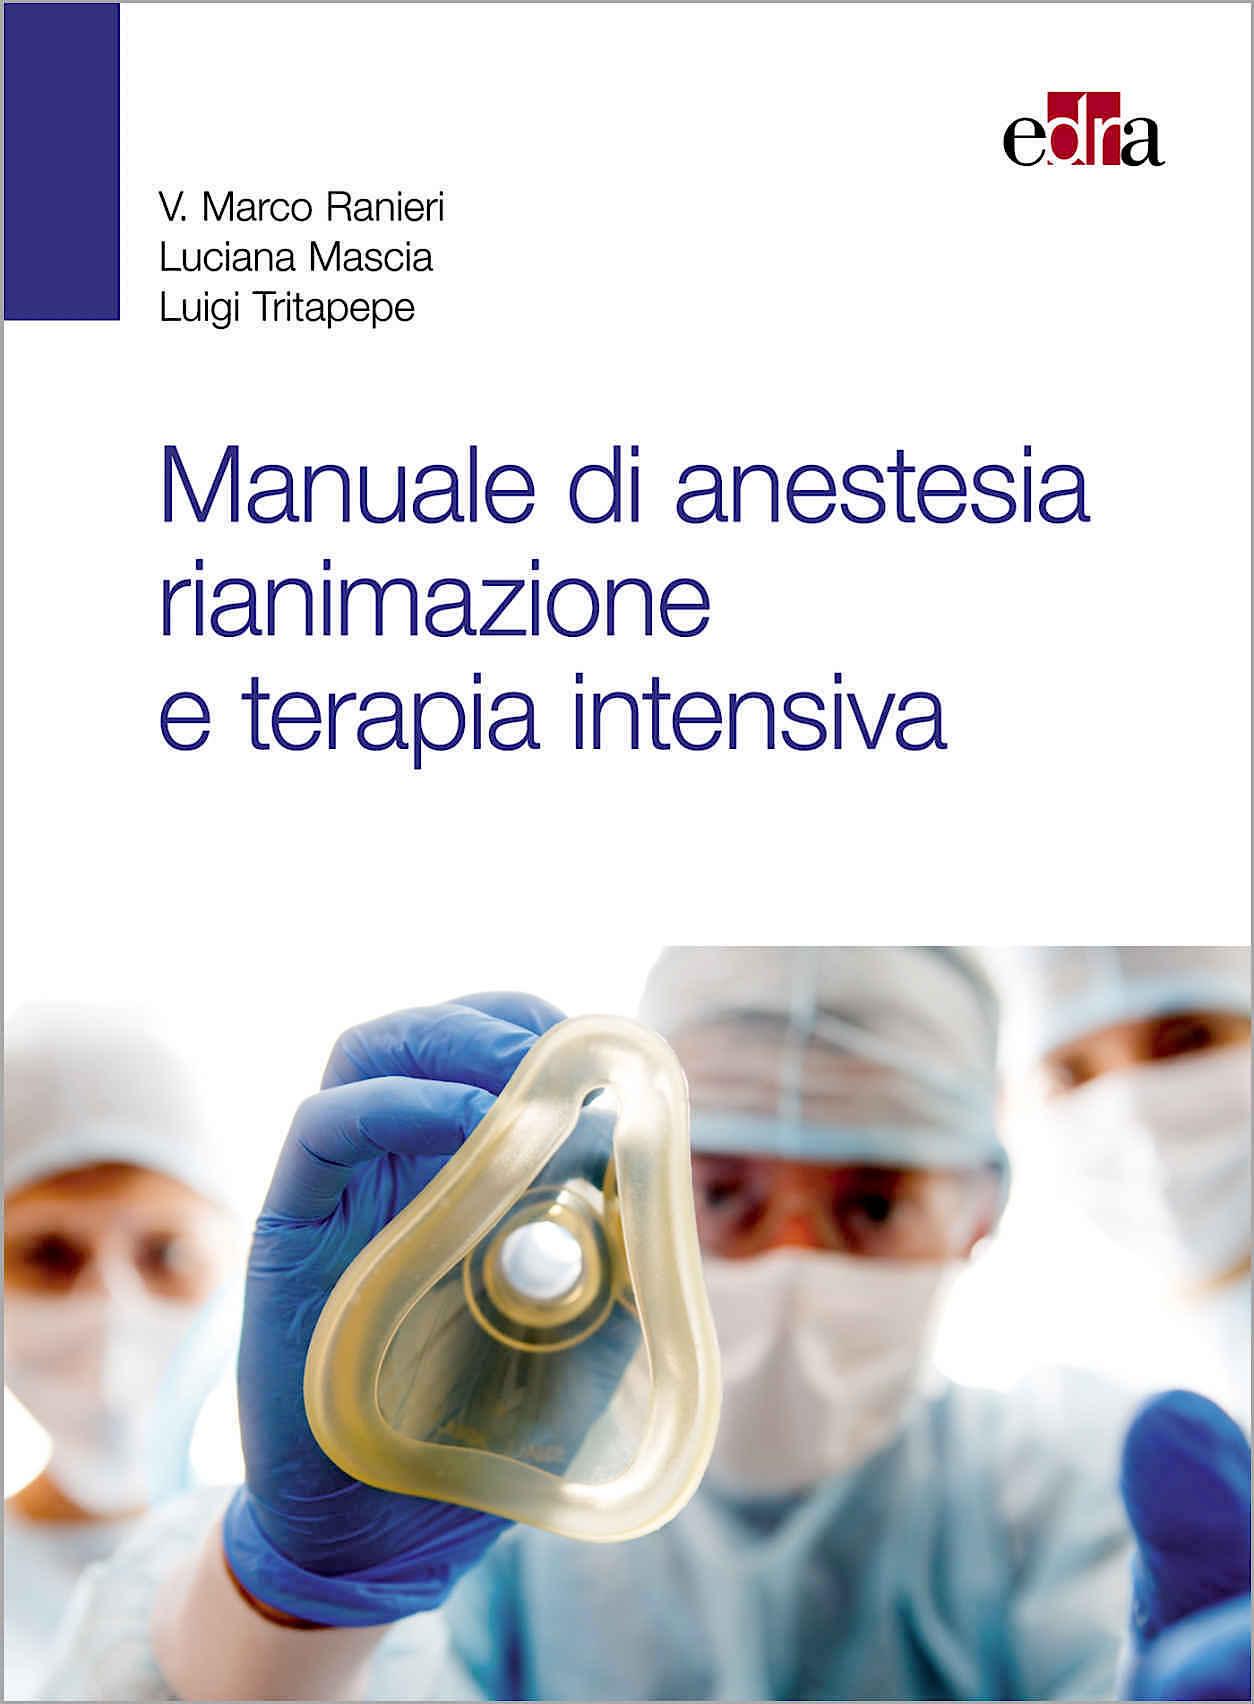 Manuale di anestesia, rianimazione e terapia intensiva